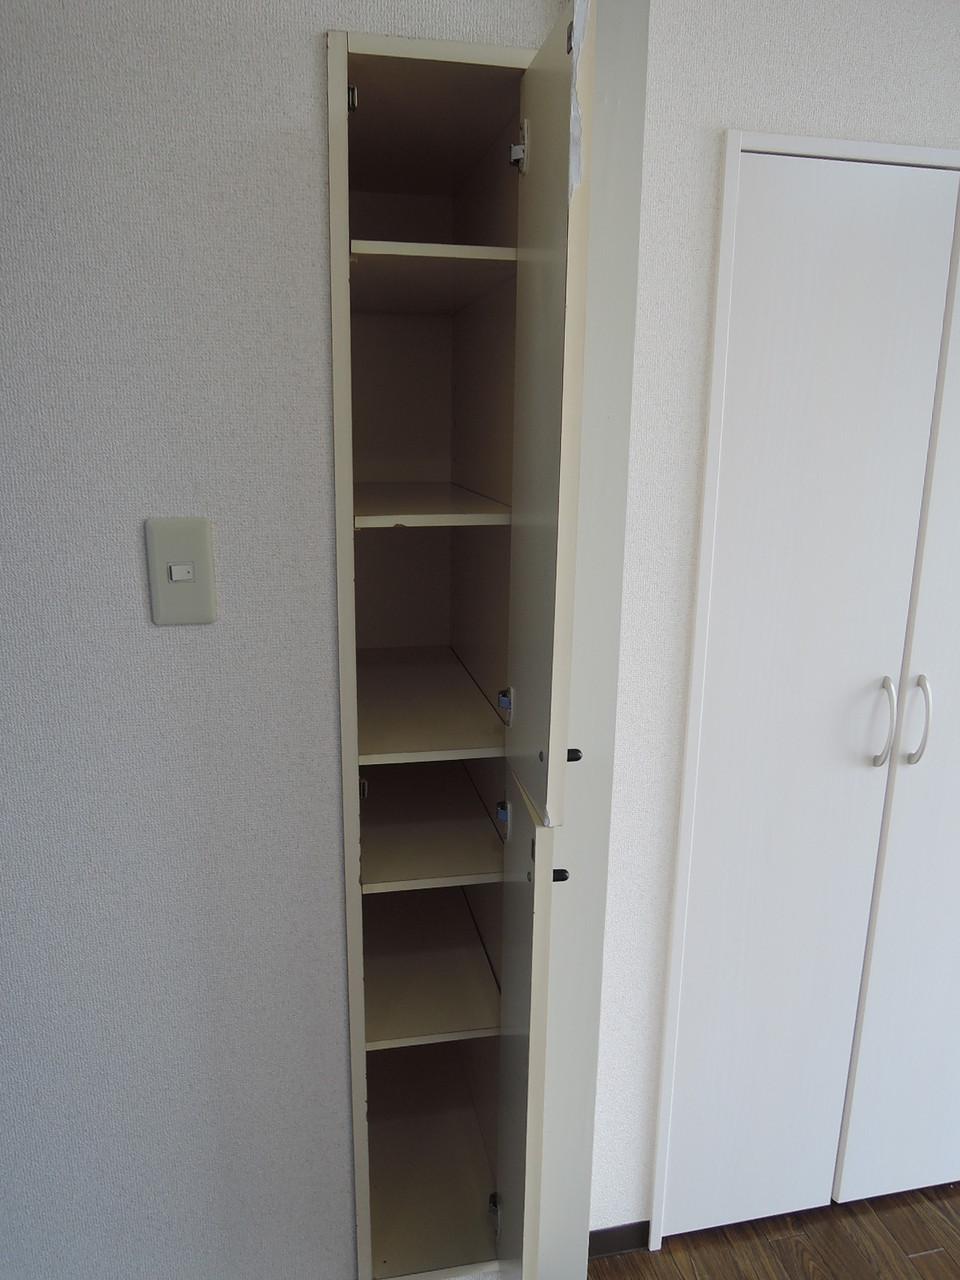 棚板の移動可能な上下に分かれた収納